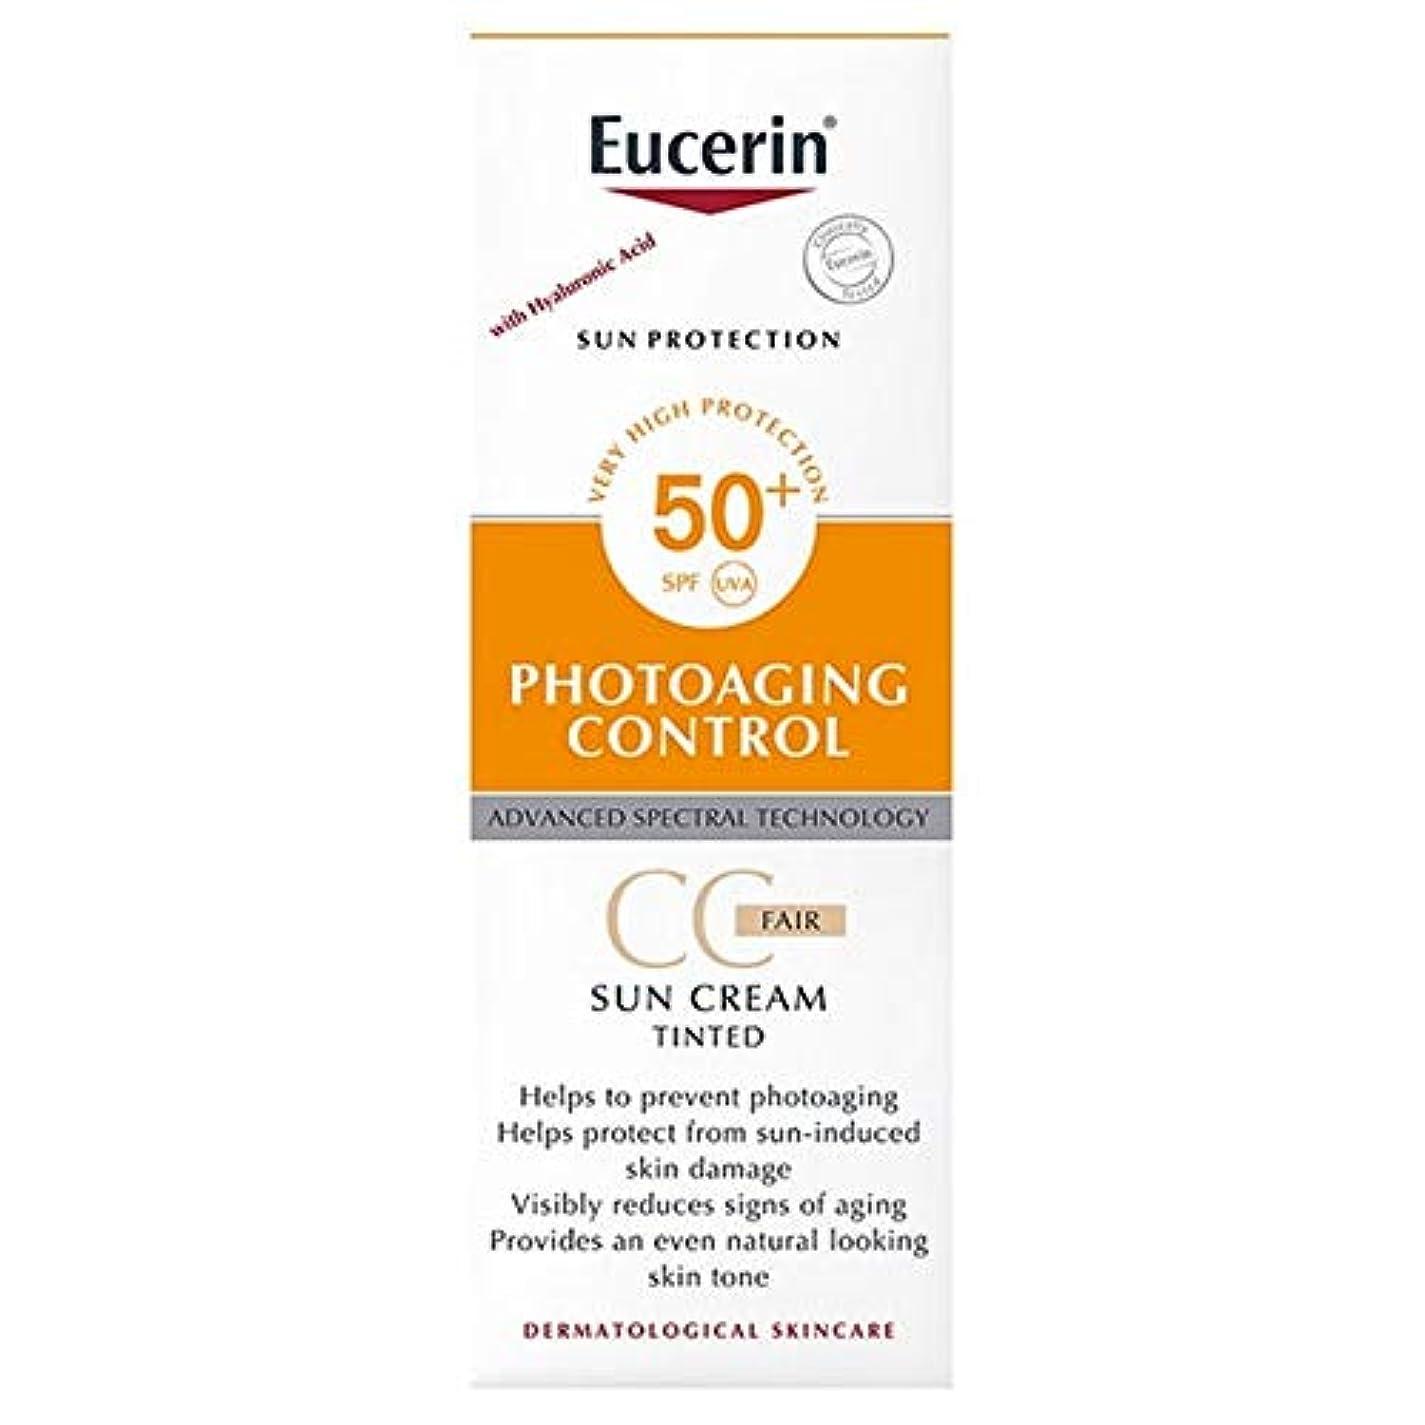 不忠含む電話をかける[Eucerin ] ユーセリンの光老化制御着色公正日クリームSpf50の50ミリリットル - Eucerin Photoaging Control Tinted Fair Sun Cream SPF50 50ml [並行輸入品]